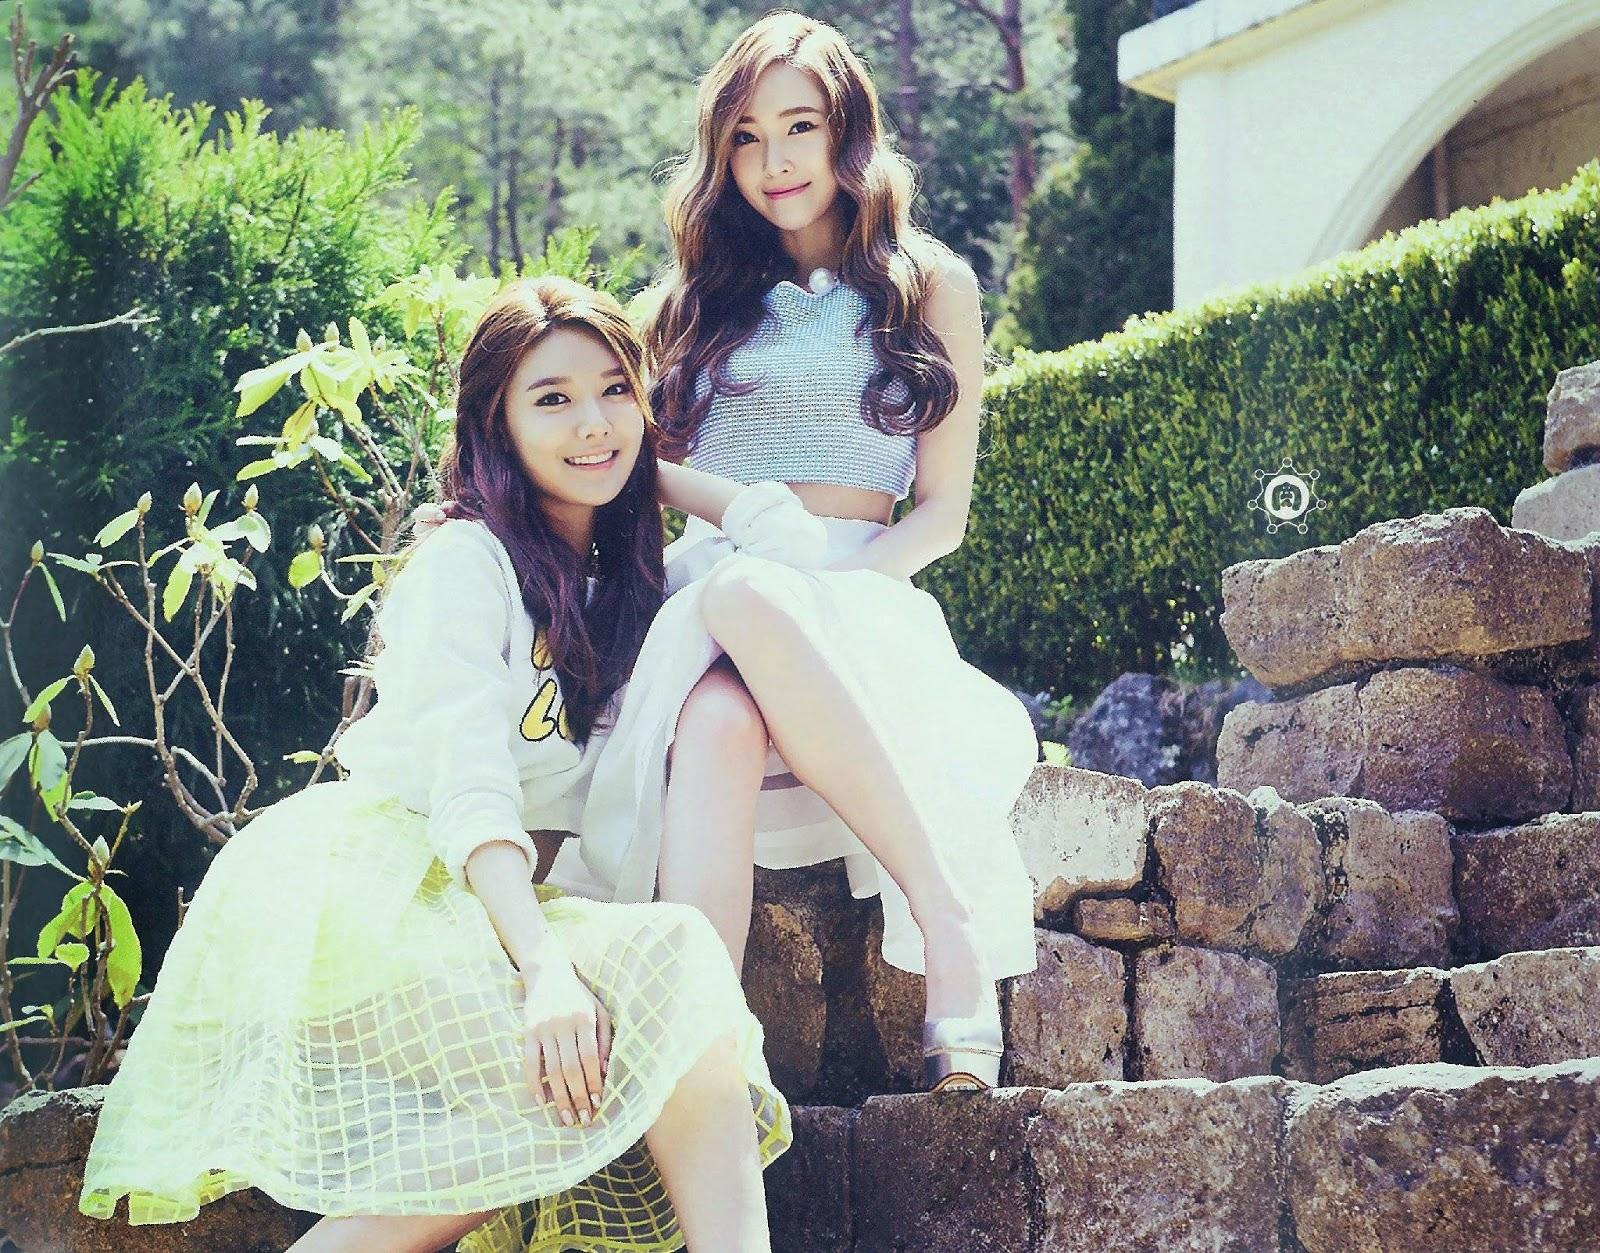 SNSD Girls Generation The Best Scan Wallpaper HD 7